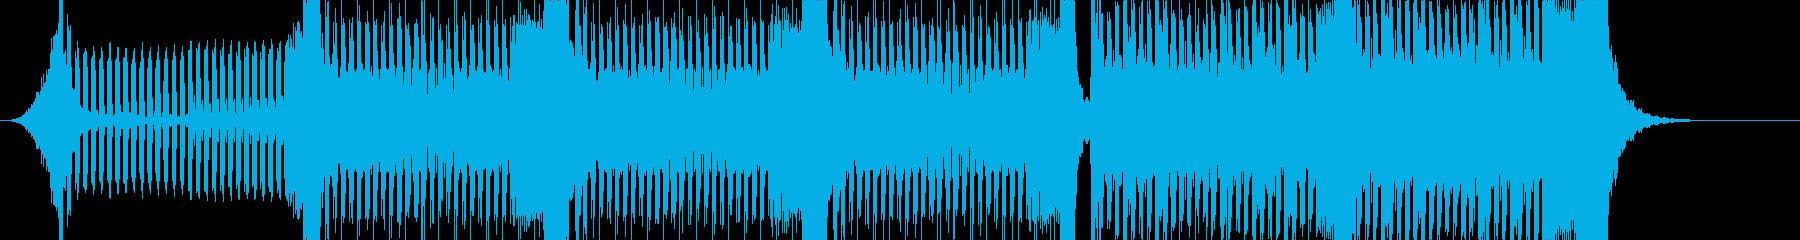 トランス・ハウス系BGM 予告編にの再生済みの波形